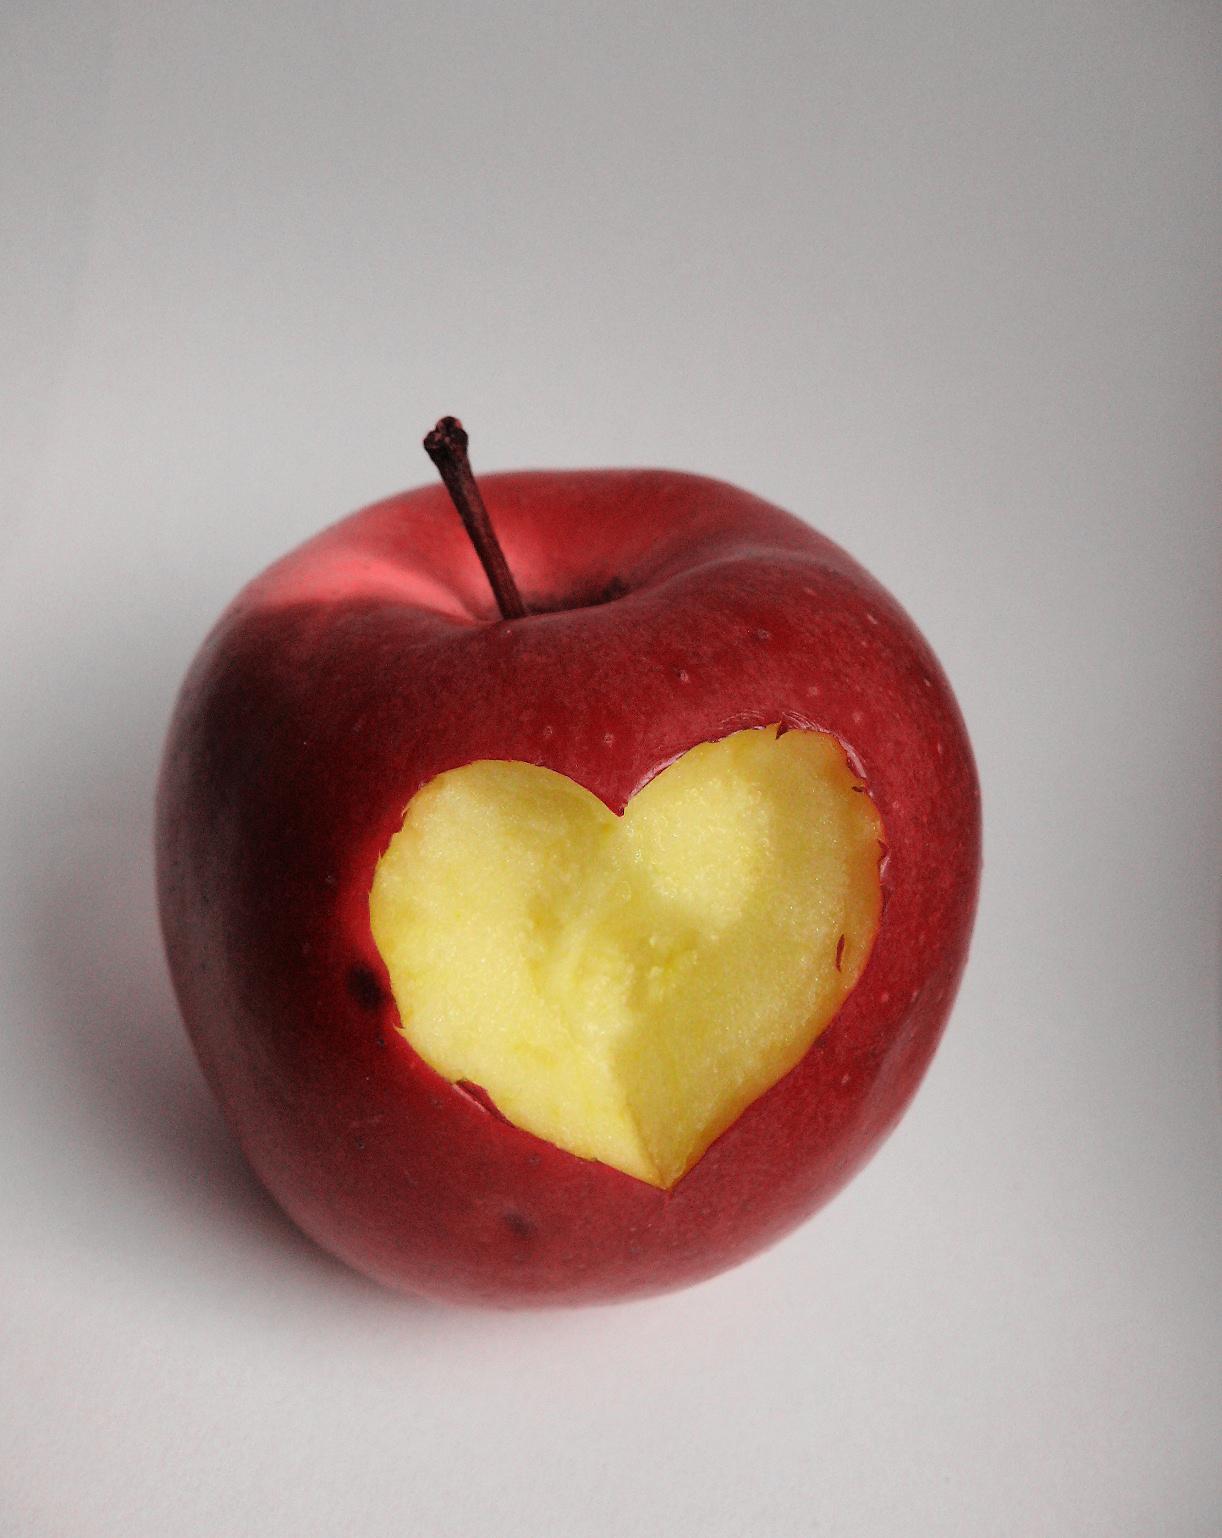 Ябълките помагат да спрете цигарите